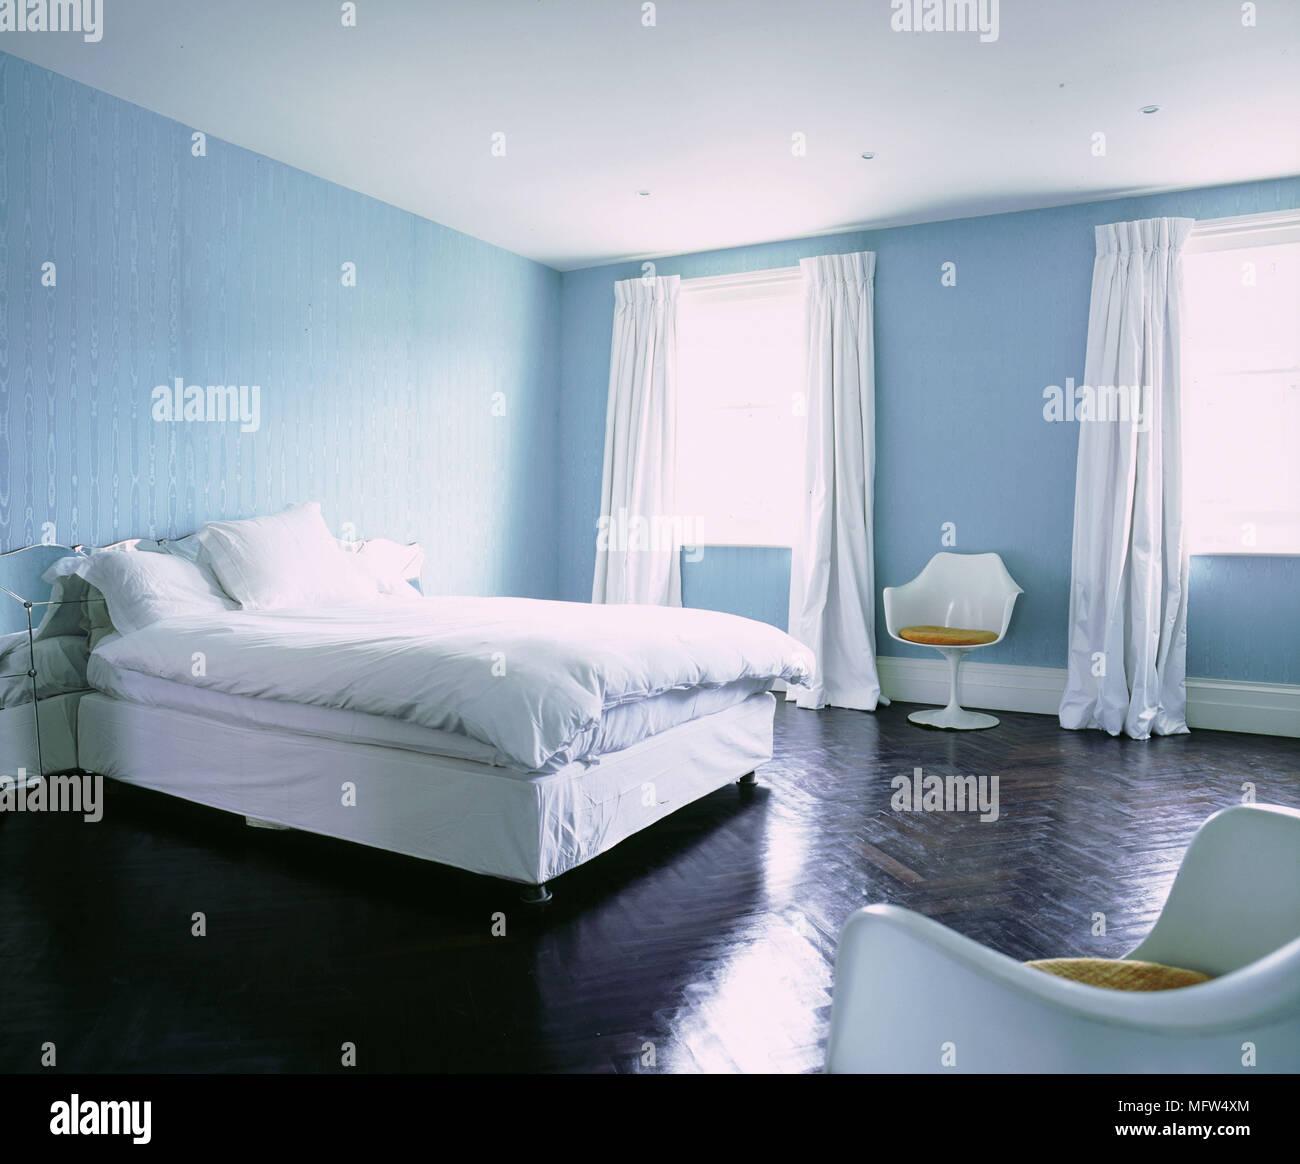 Bleu Blanc Moderne Minimaliste Chambre Linge De Lit Rideaux Chaises En  Plastique Moulé Blanc